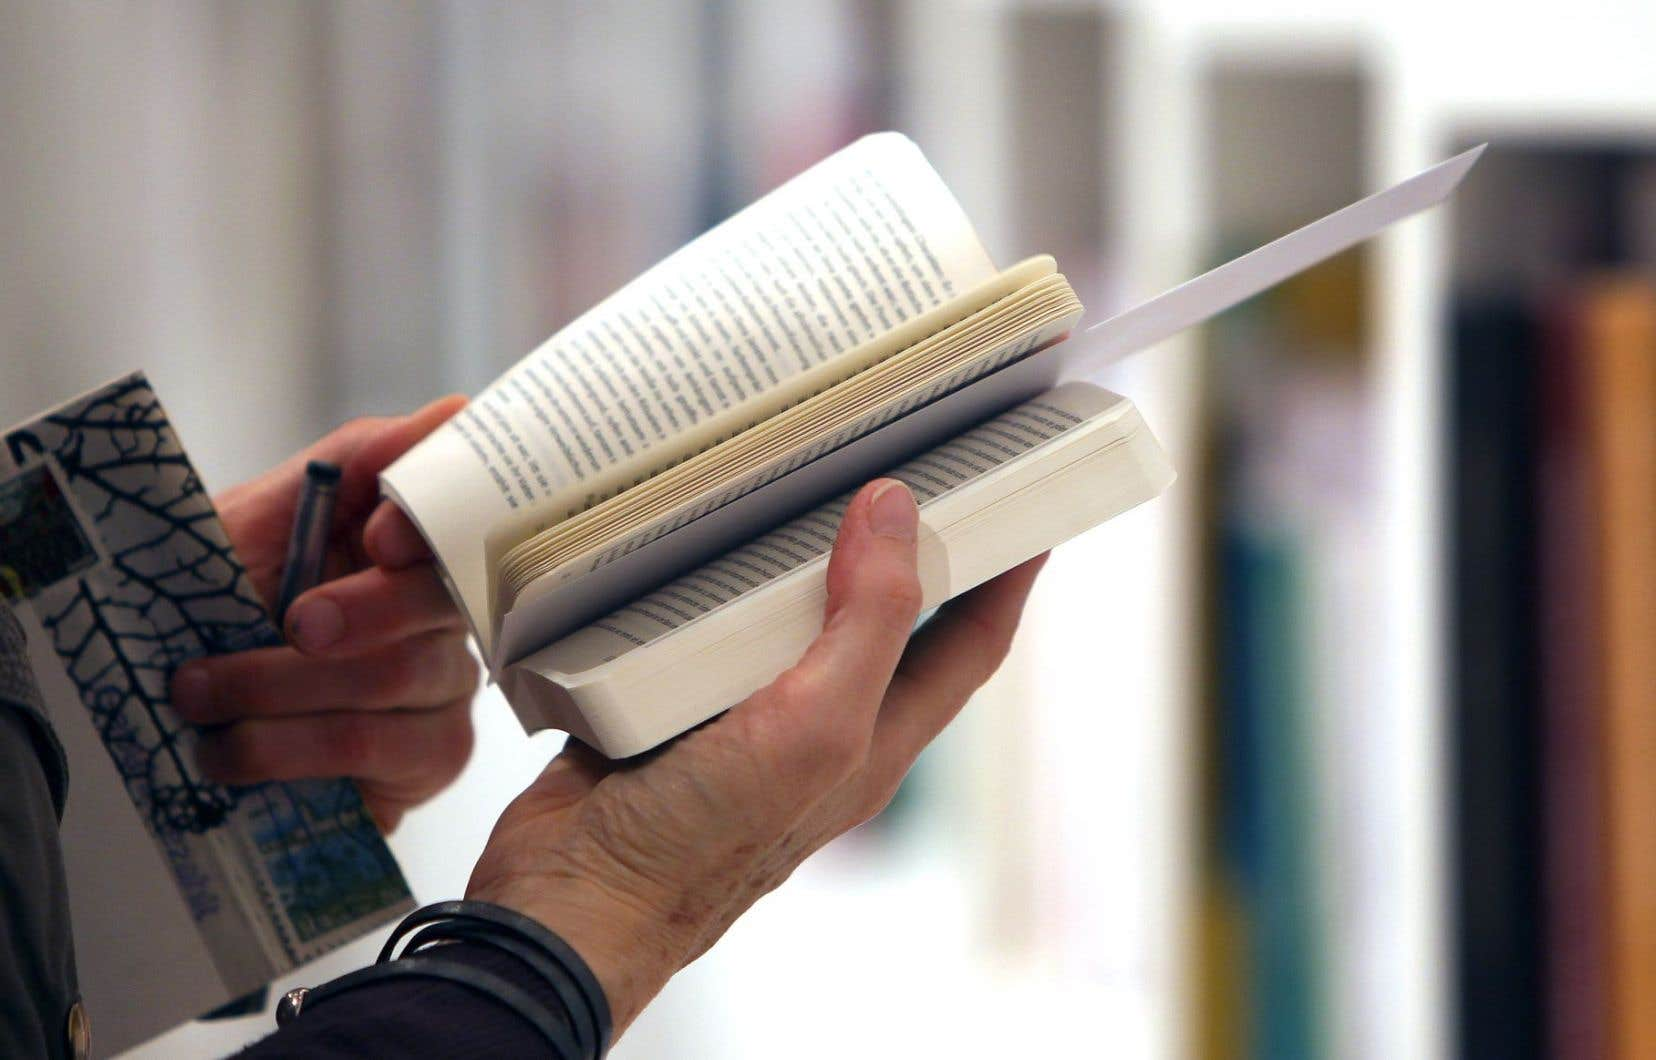 Le ministère de la Culture a confirmé que la question du prix unique du livre ne sera pas abordée.